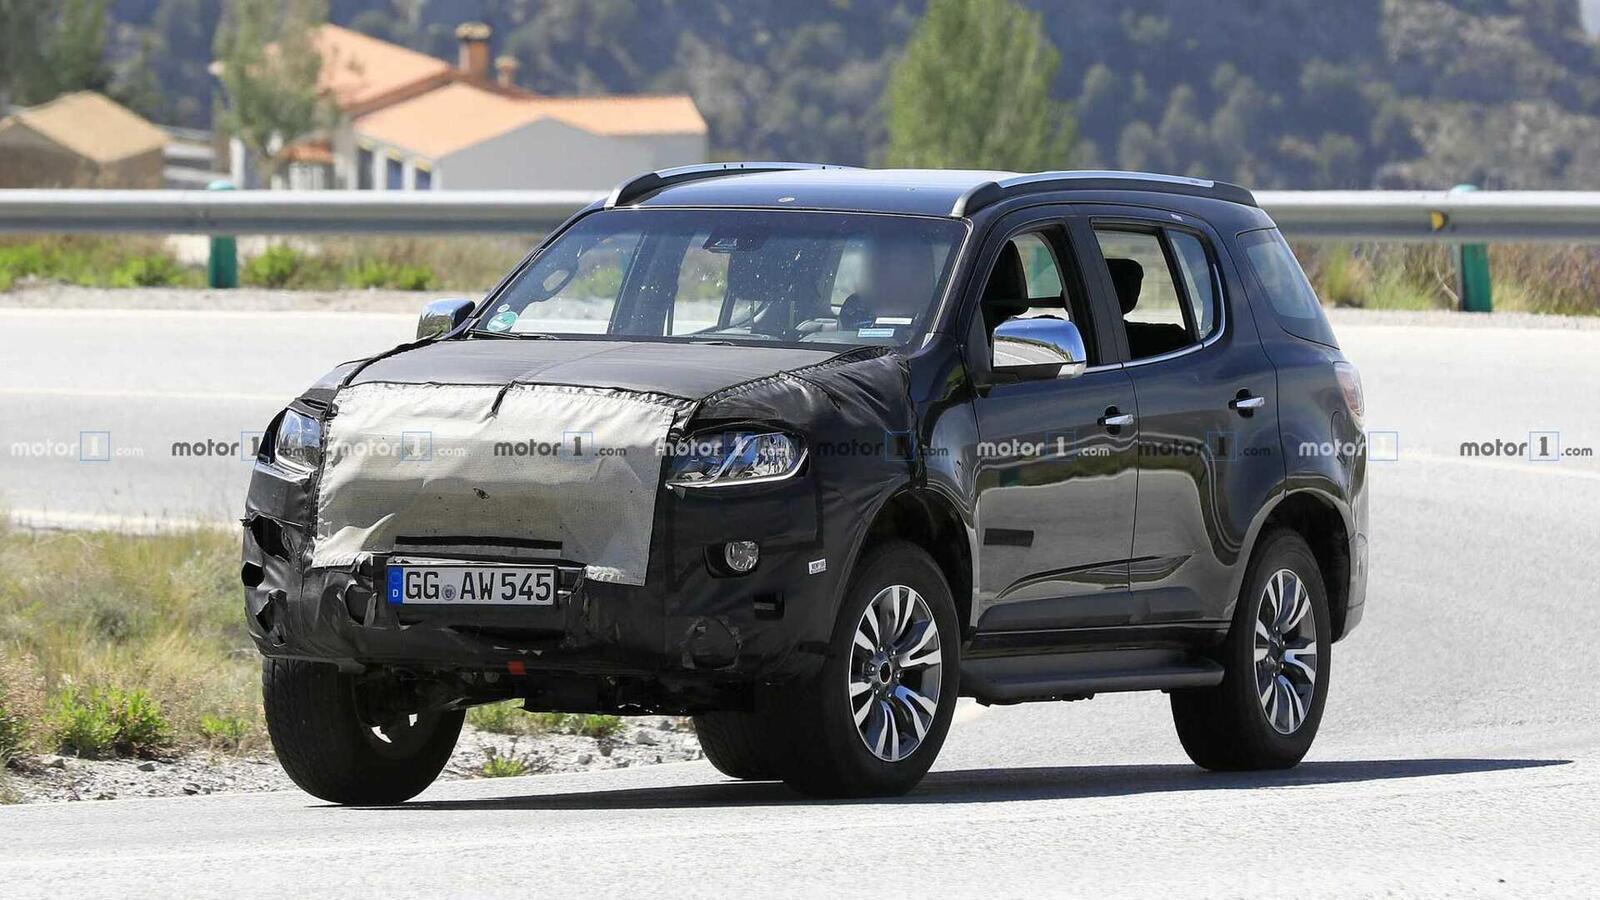 Chevrolet đang nâng cấp cho Trailblazer và có thể đưa về Mỹ trong tương lai gần - Hình 1